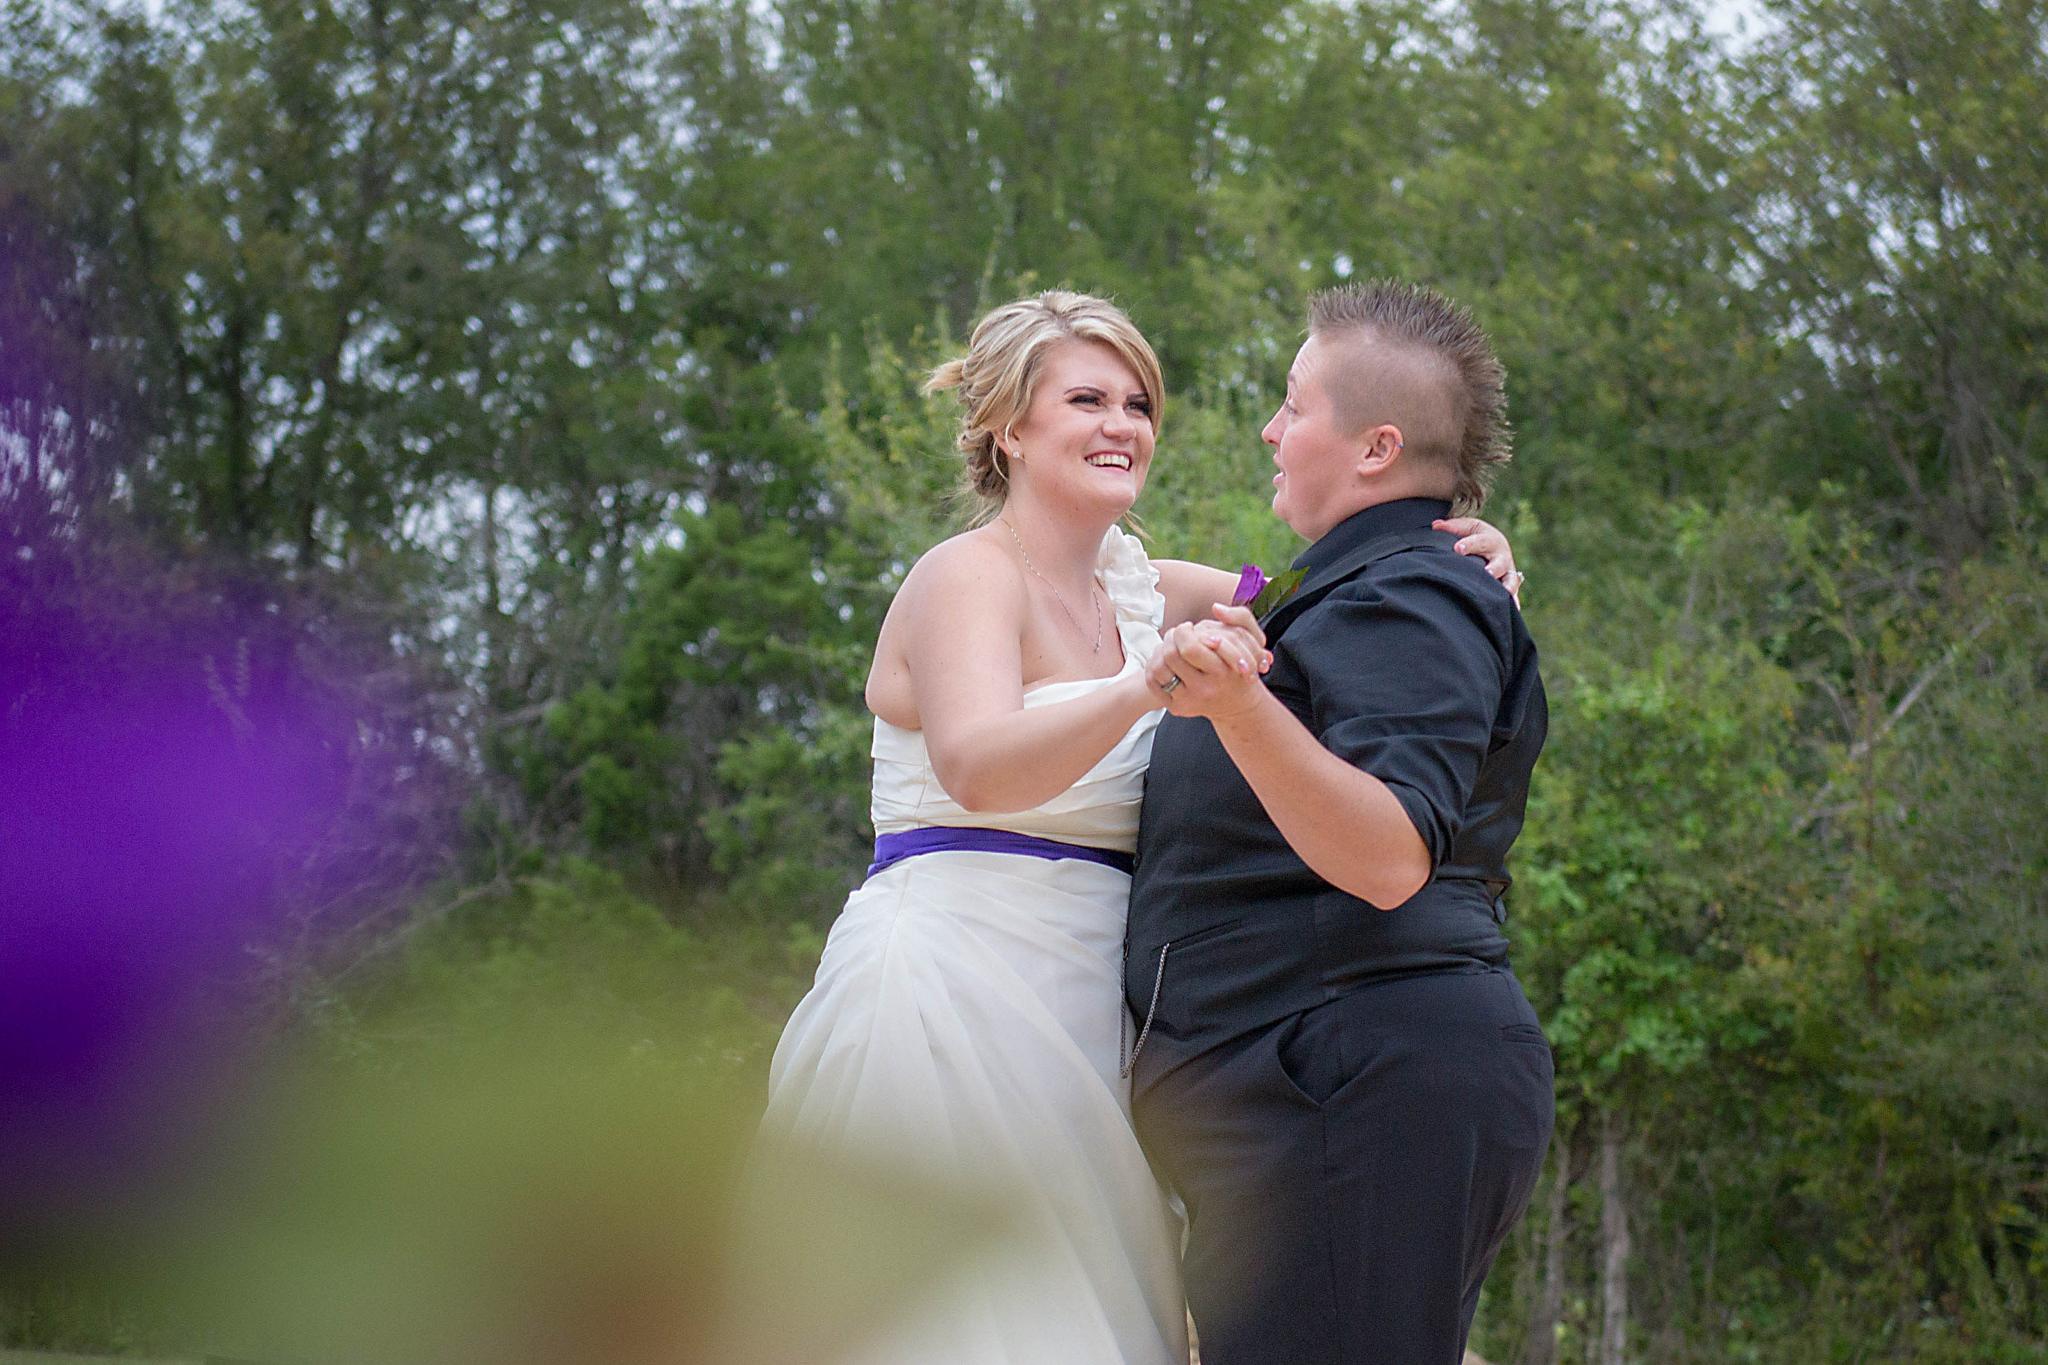 Rebekah and Rachel's first dance